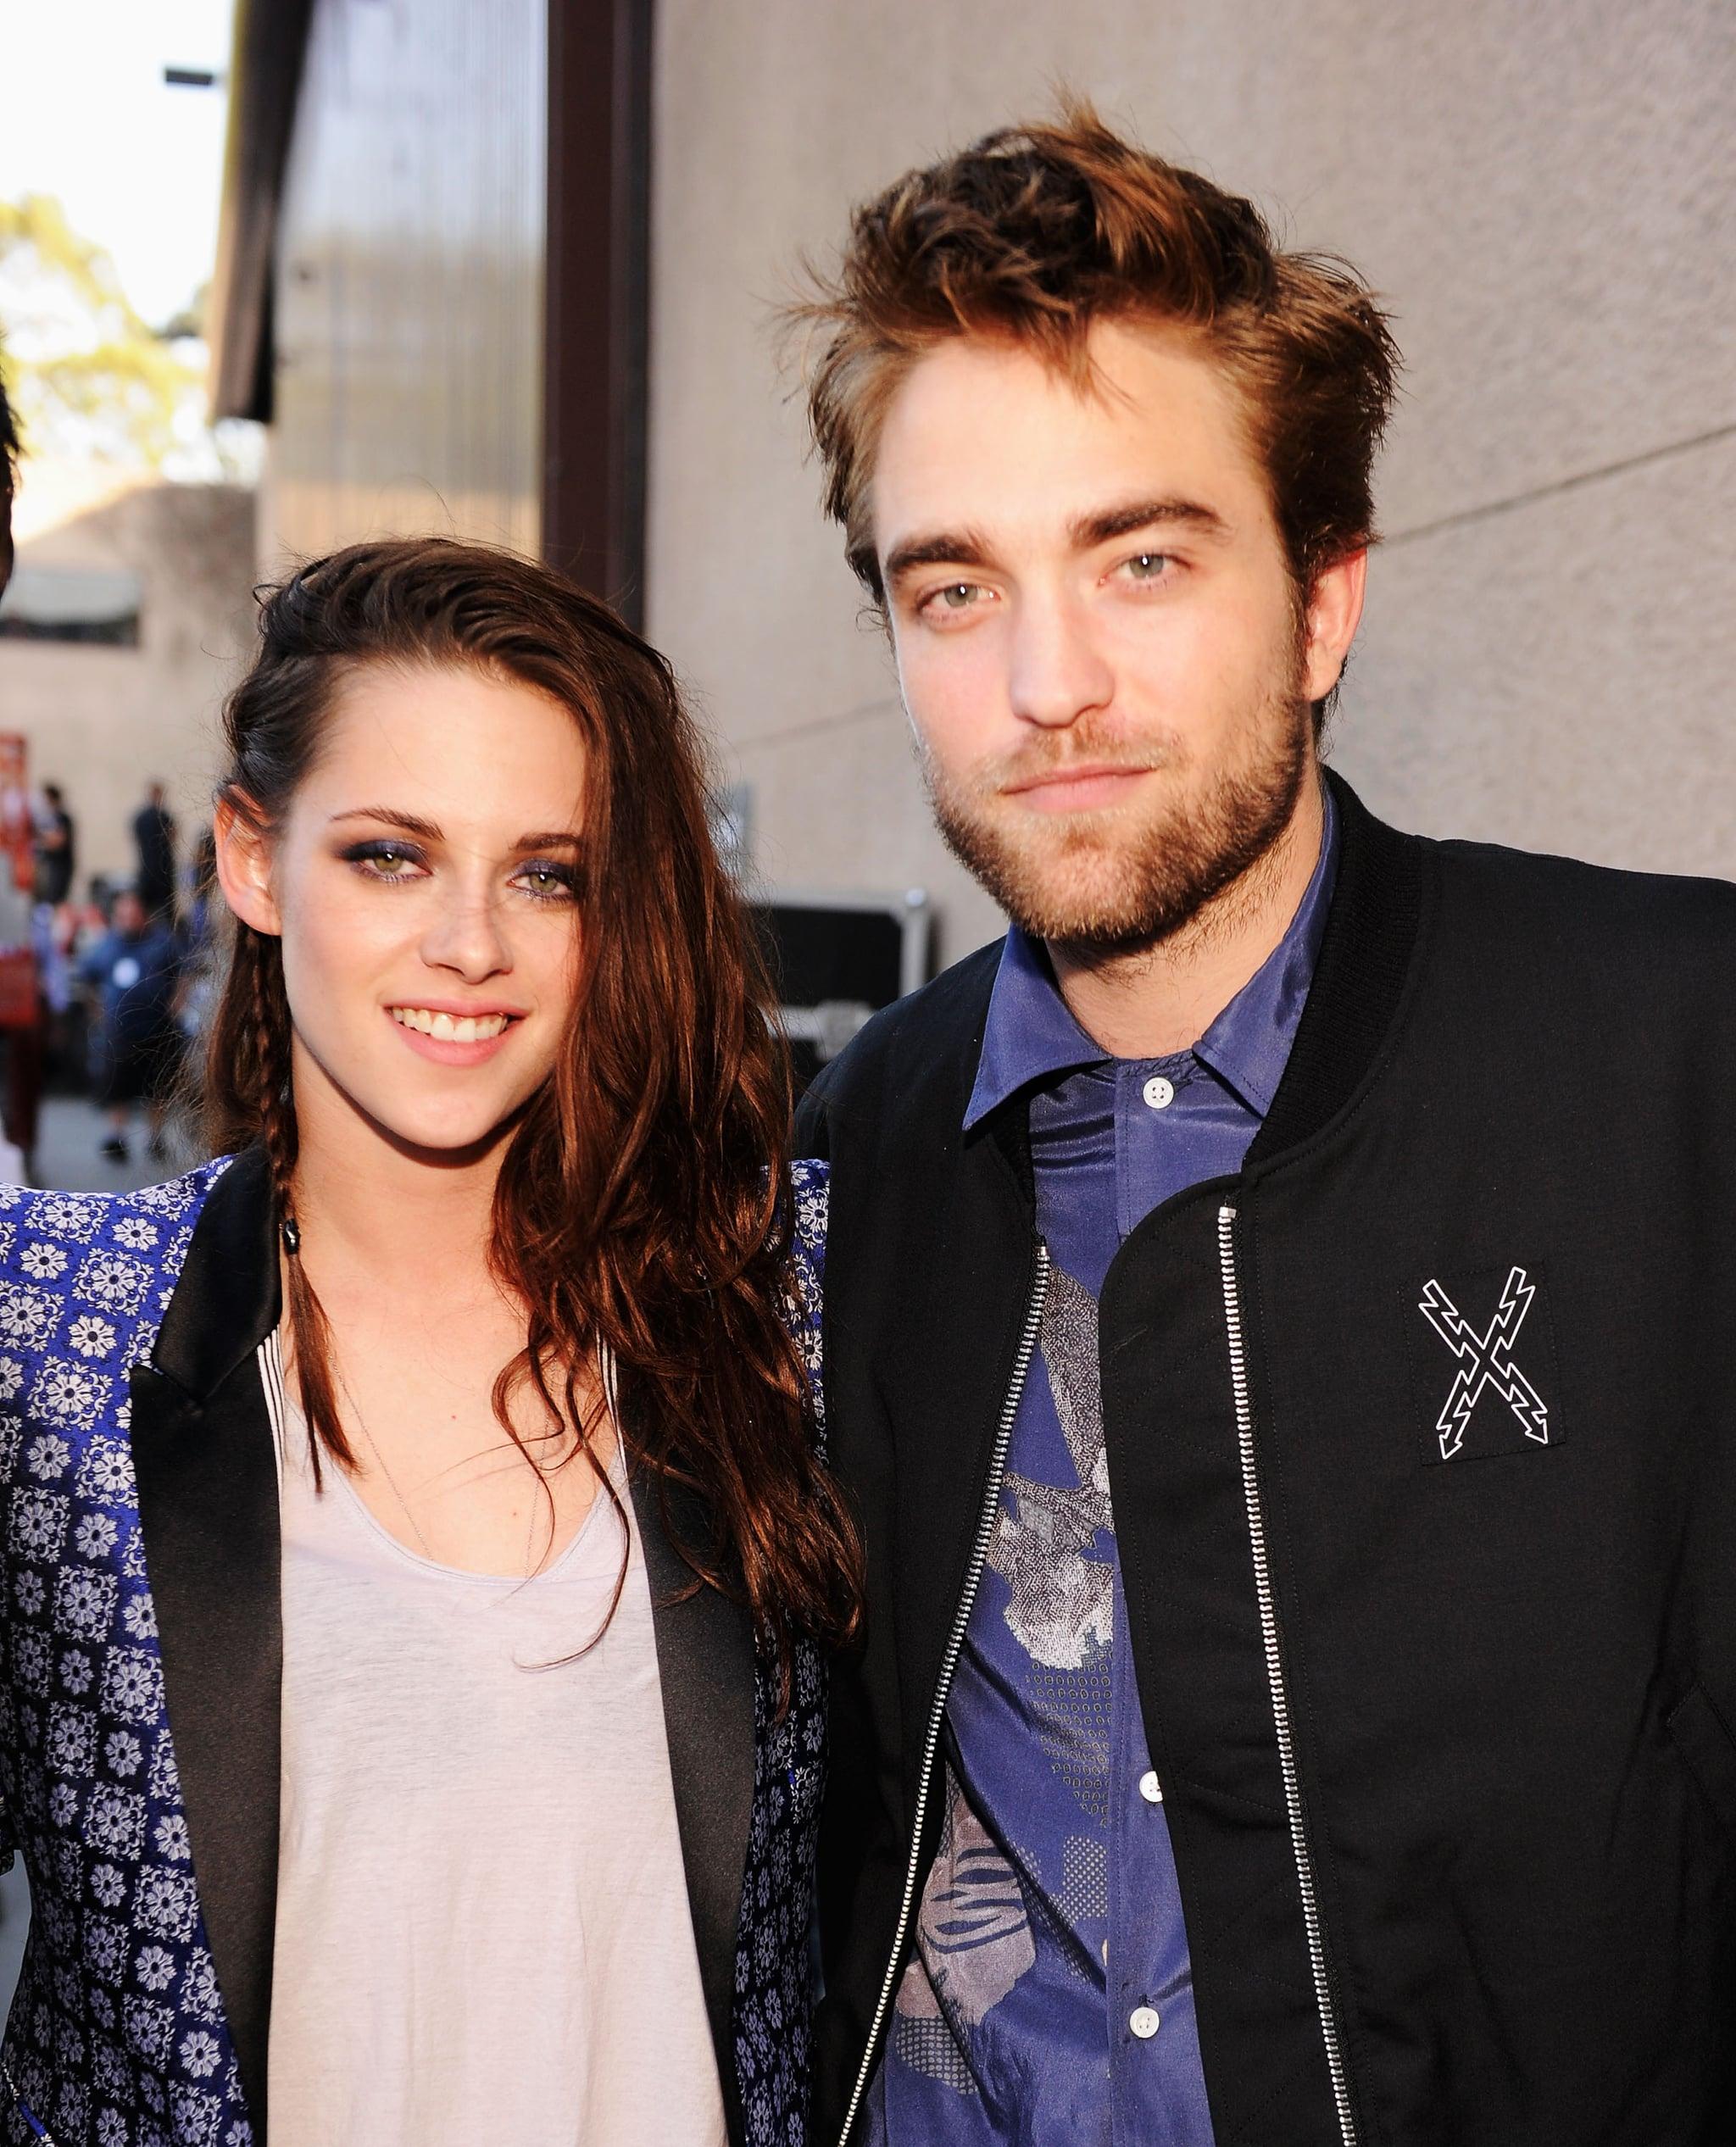 Dated pattinson who robert has Kristen Stewart